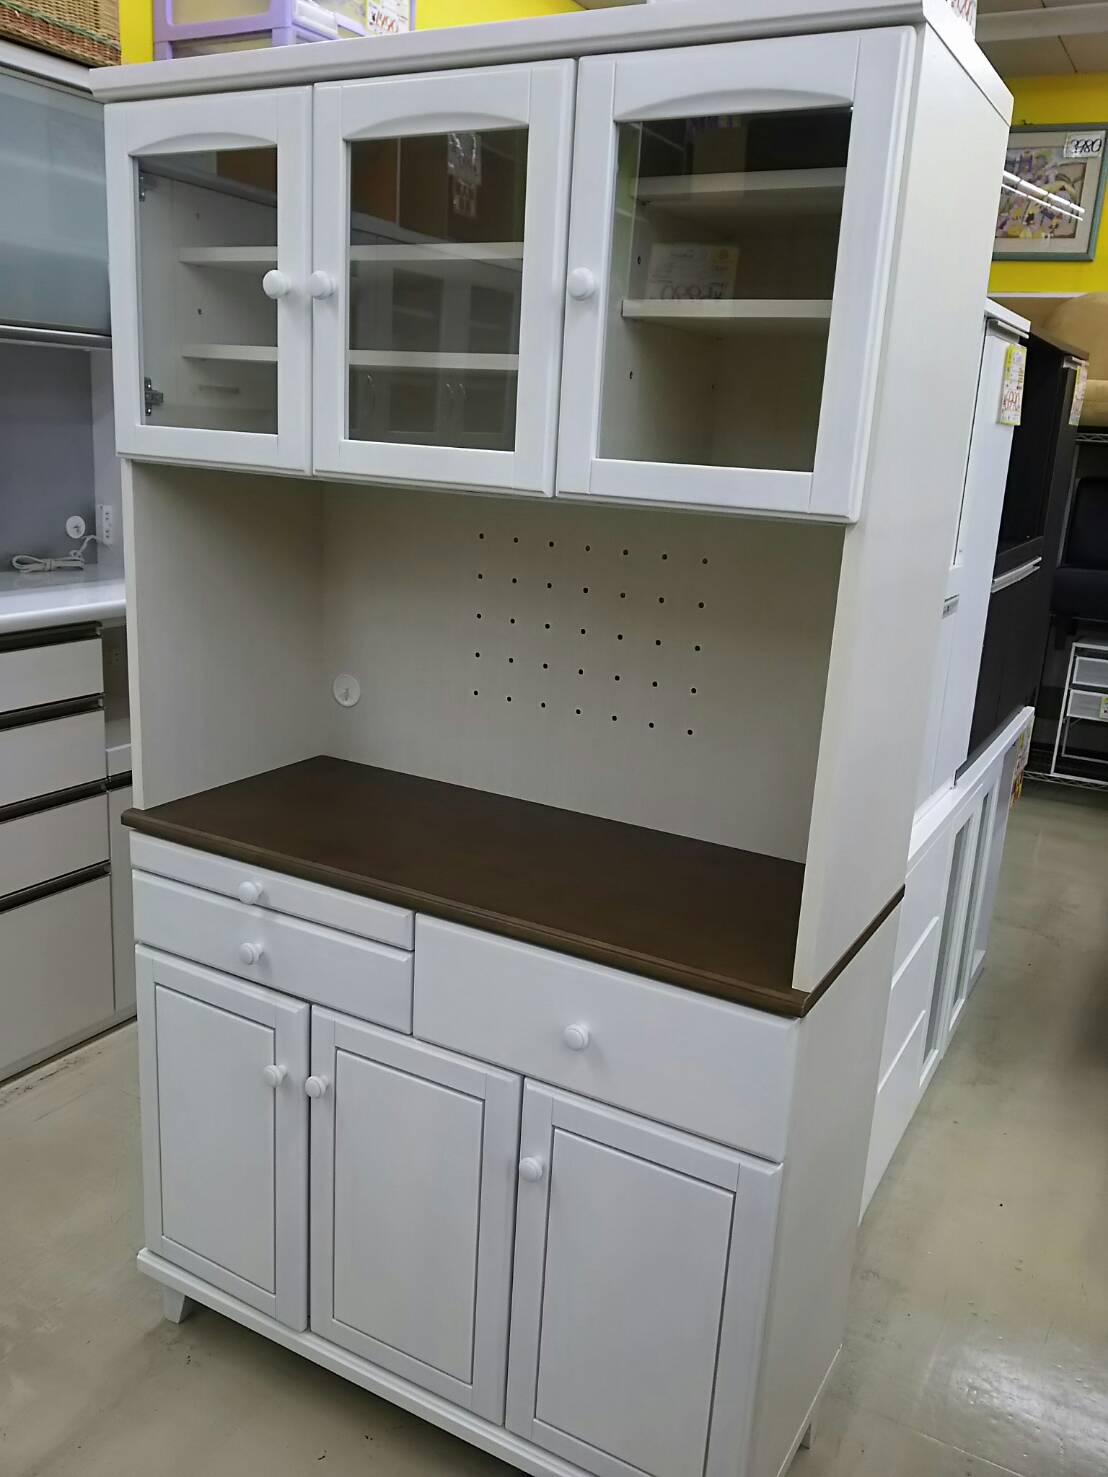 【3面食器棚 スチームオーブン対応 レンジボード 100×42×180cm】を買い取り致しました!の買取-